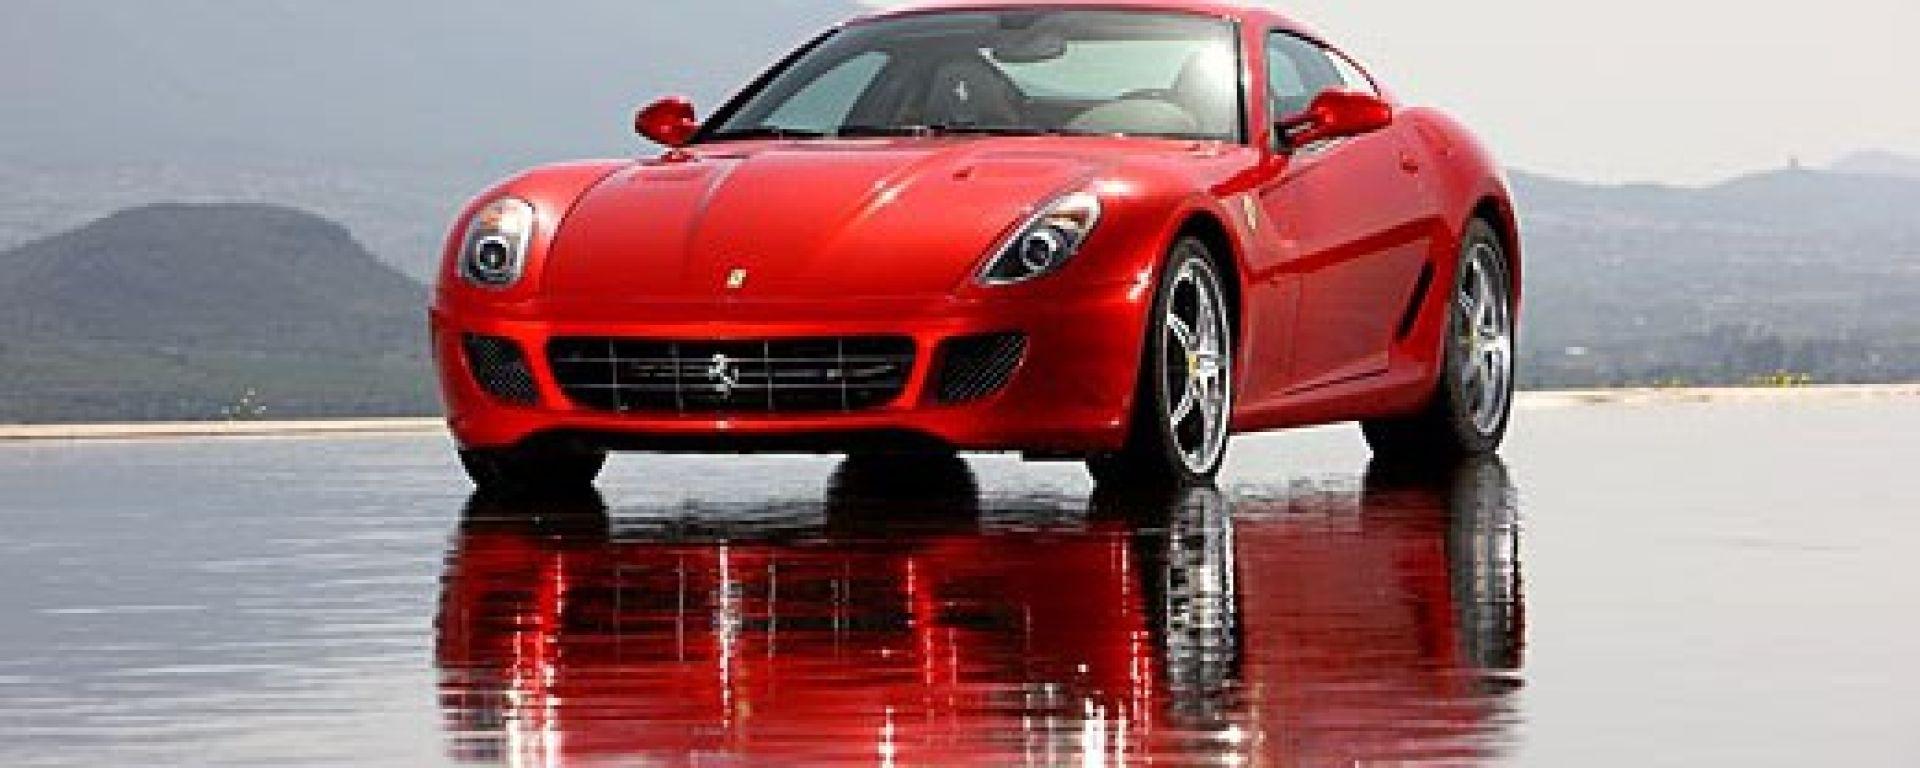 Ferrari 599 GTB Fiorano HGTE - le nuove foto